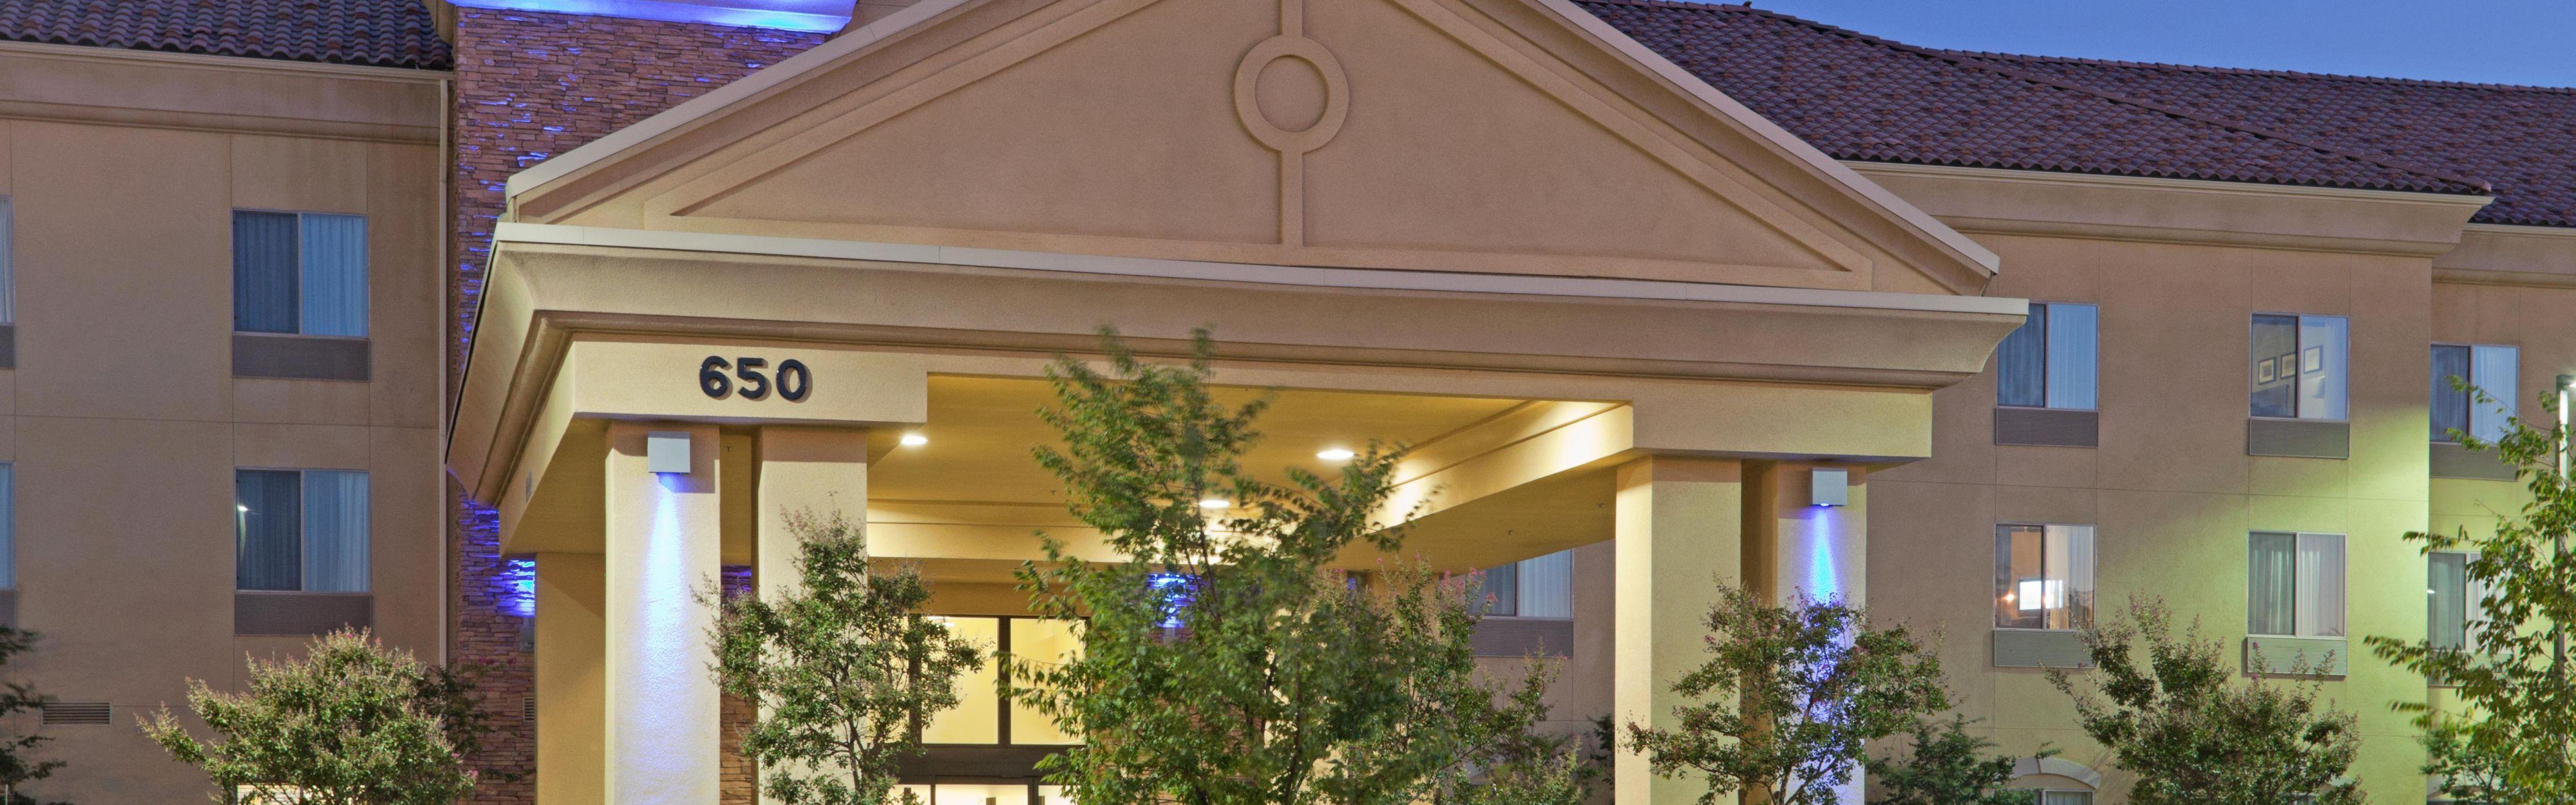 Clovis Ca Hotels Motels